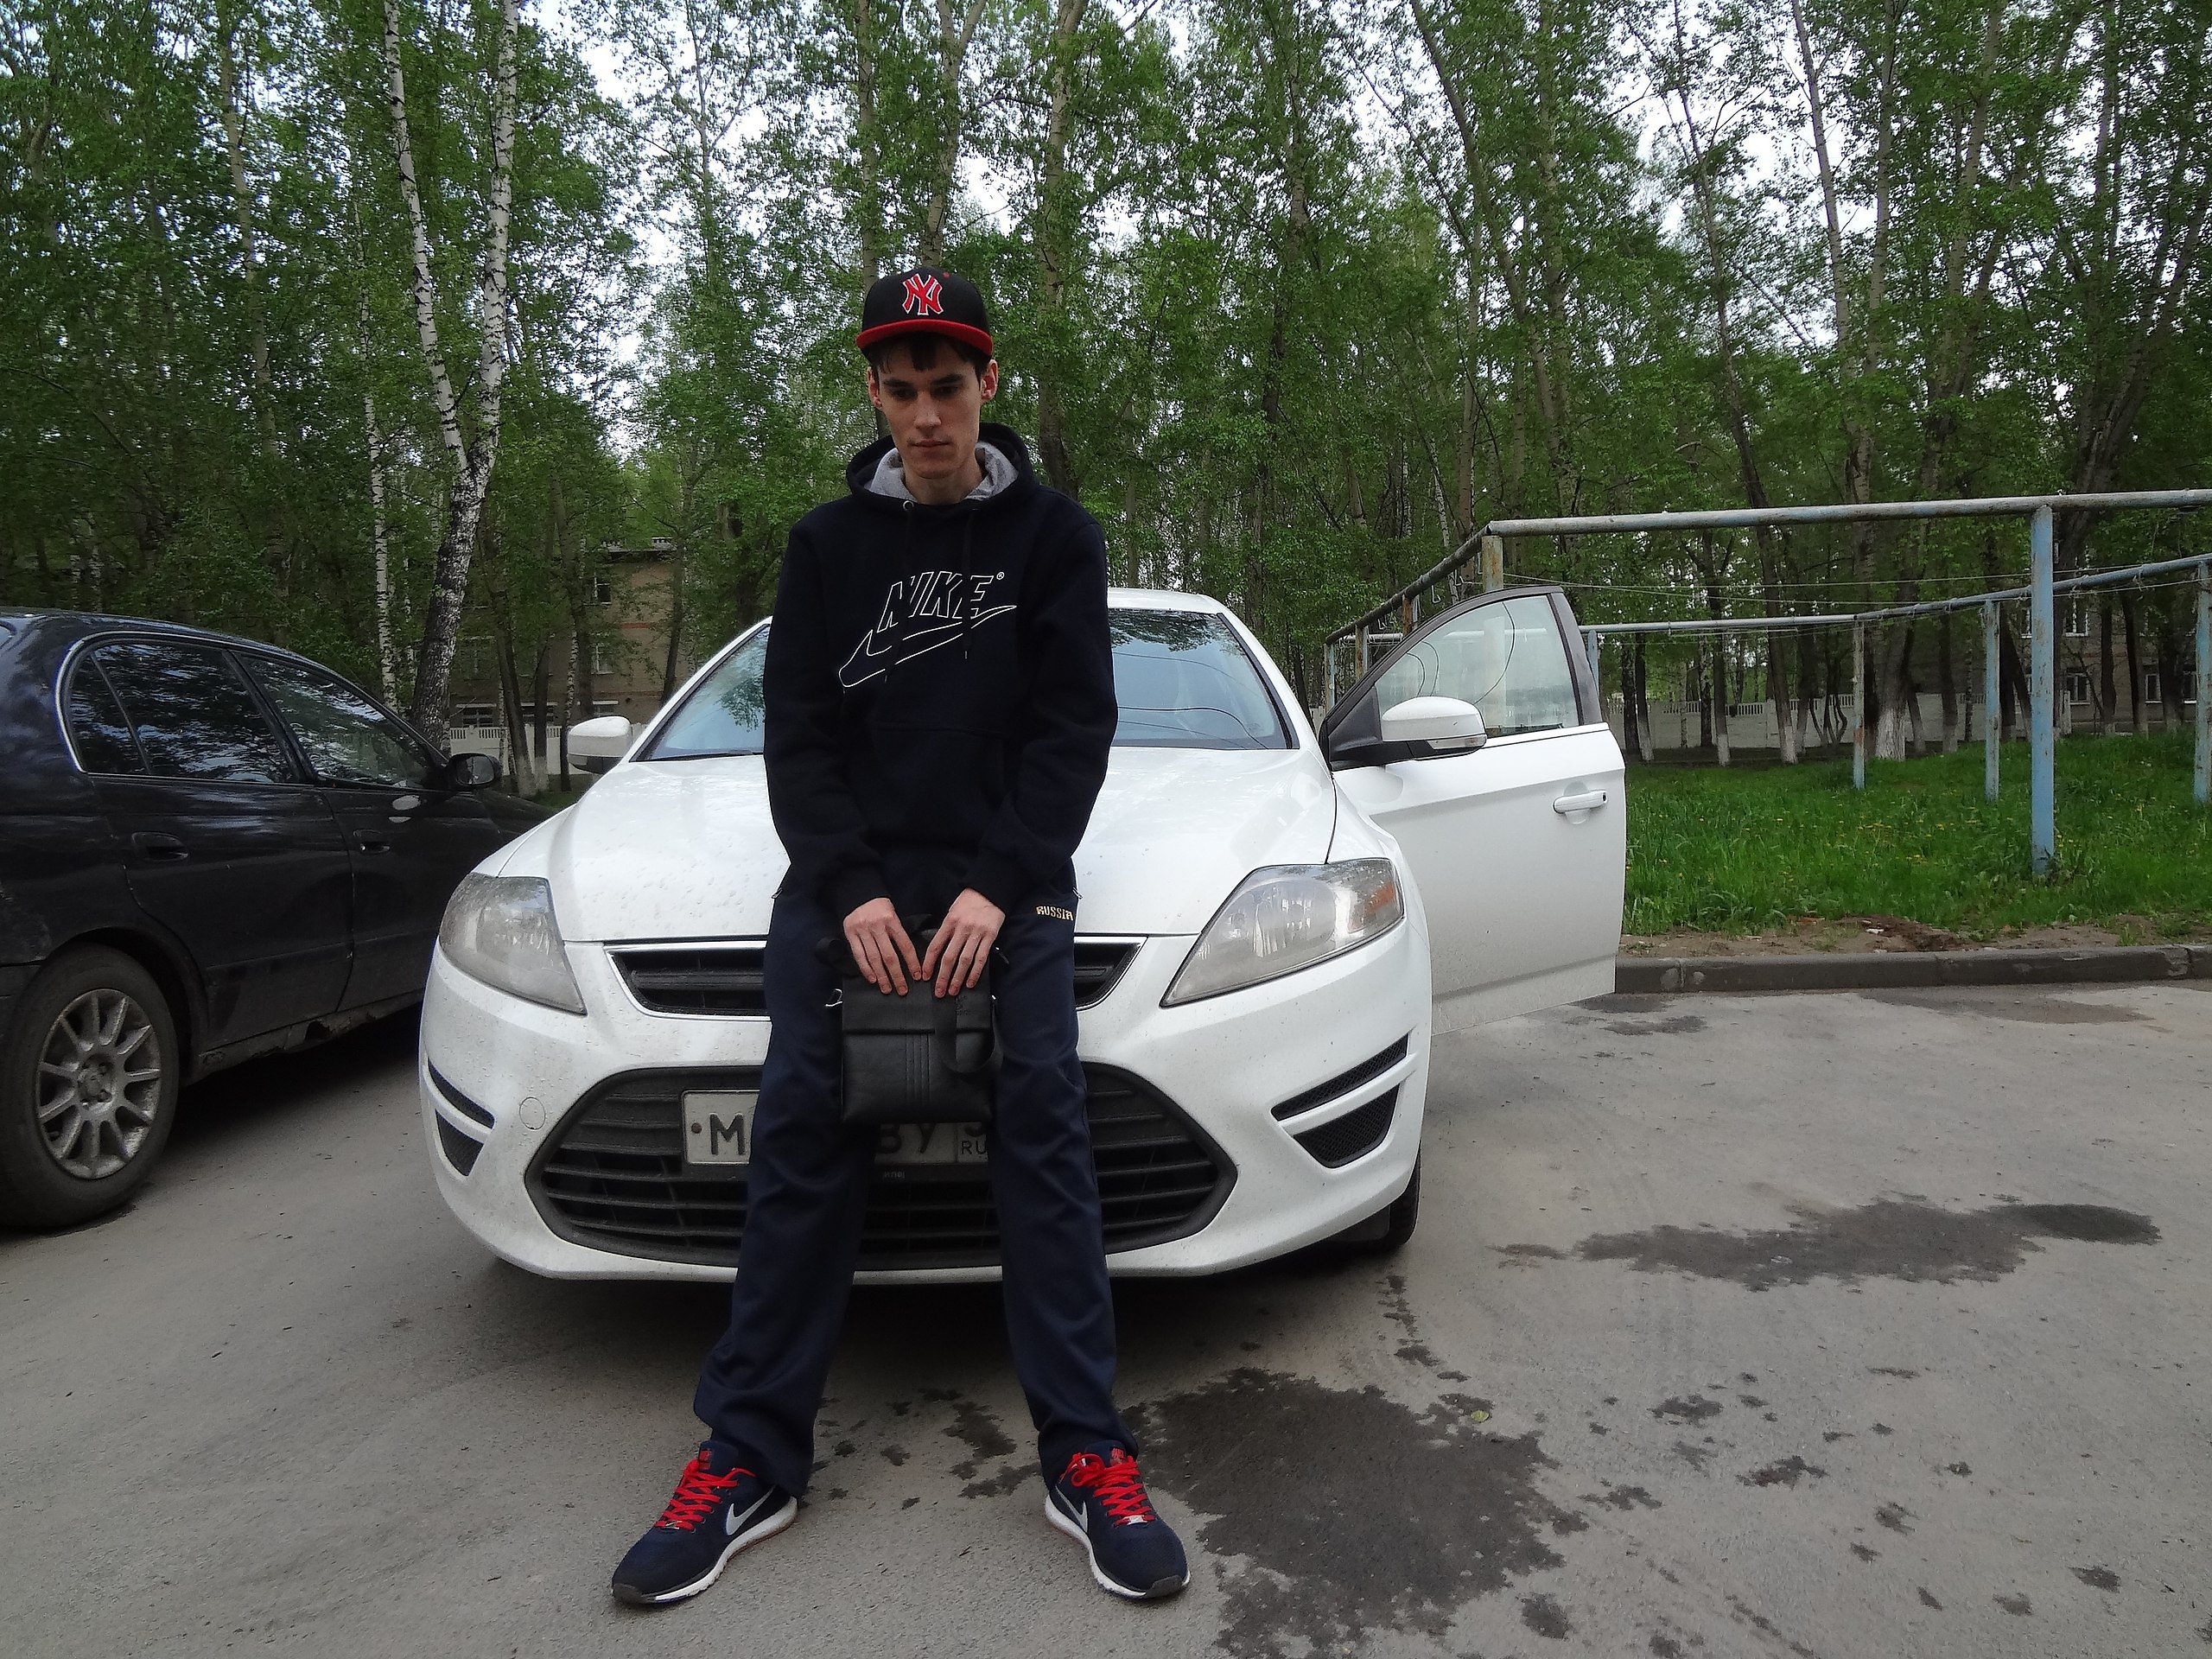 Фото крутых пацанов (21 фото) - LA mara Salvatrucha, 25 лет, Новосибирск